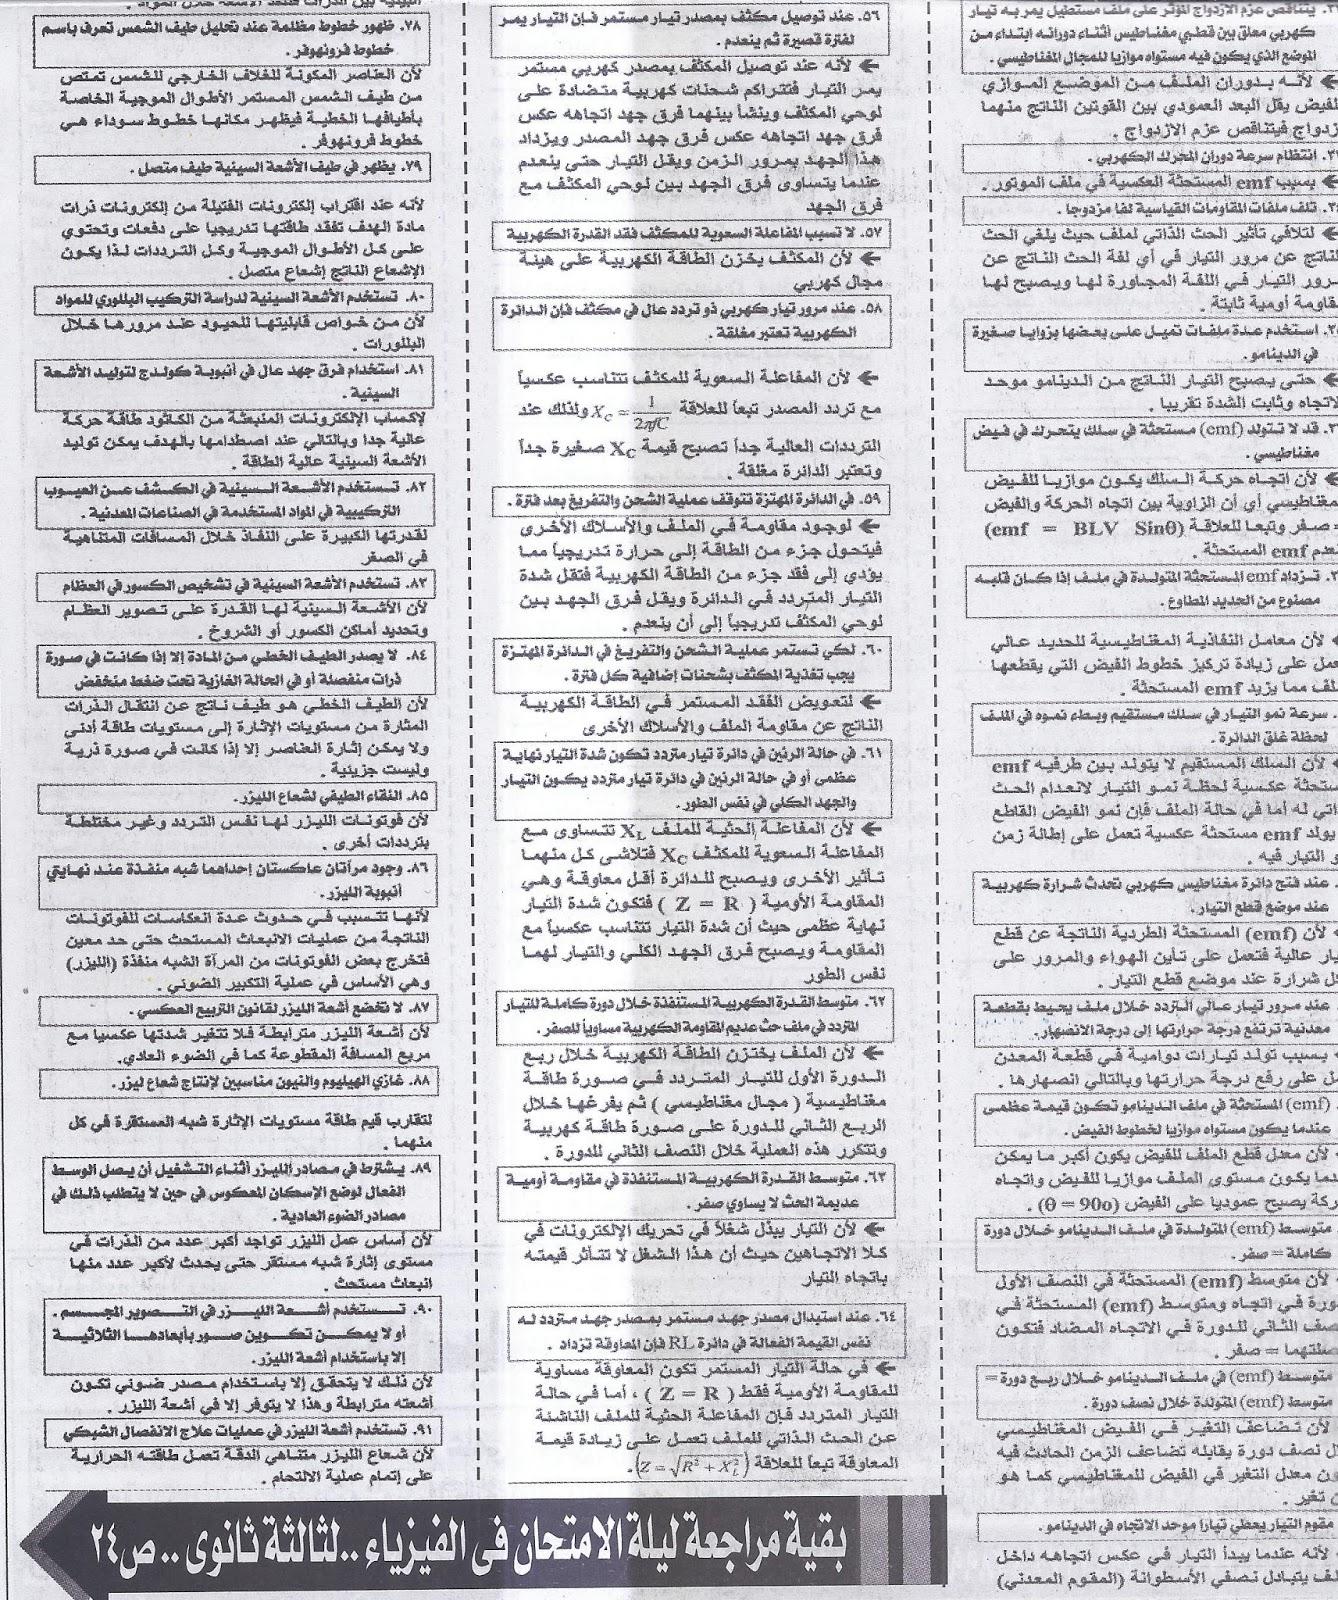 """مراجعة فيزياء .. اهم اسئلة علل واهم المسائل والرسومات البيانية للثانوية العامة """"عربي ولغات"""" 2"""